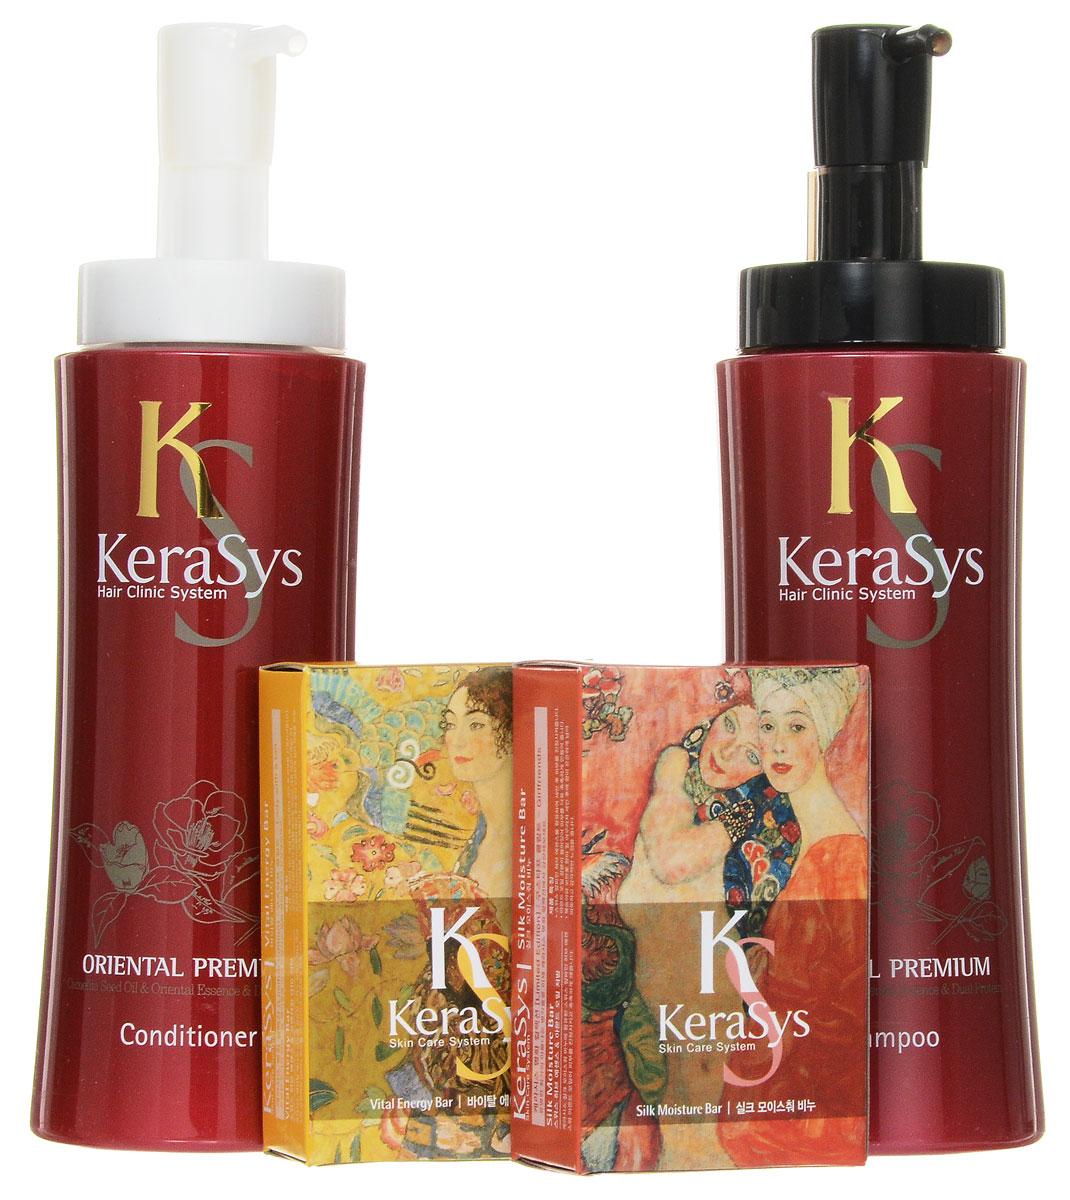 KeraSysПодарочный набор для волос